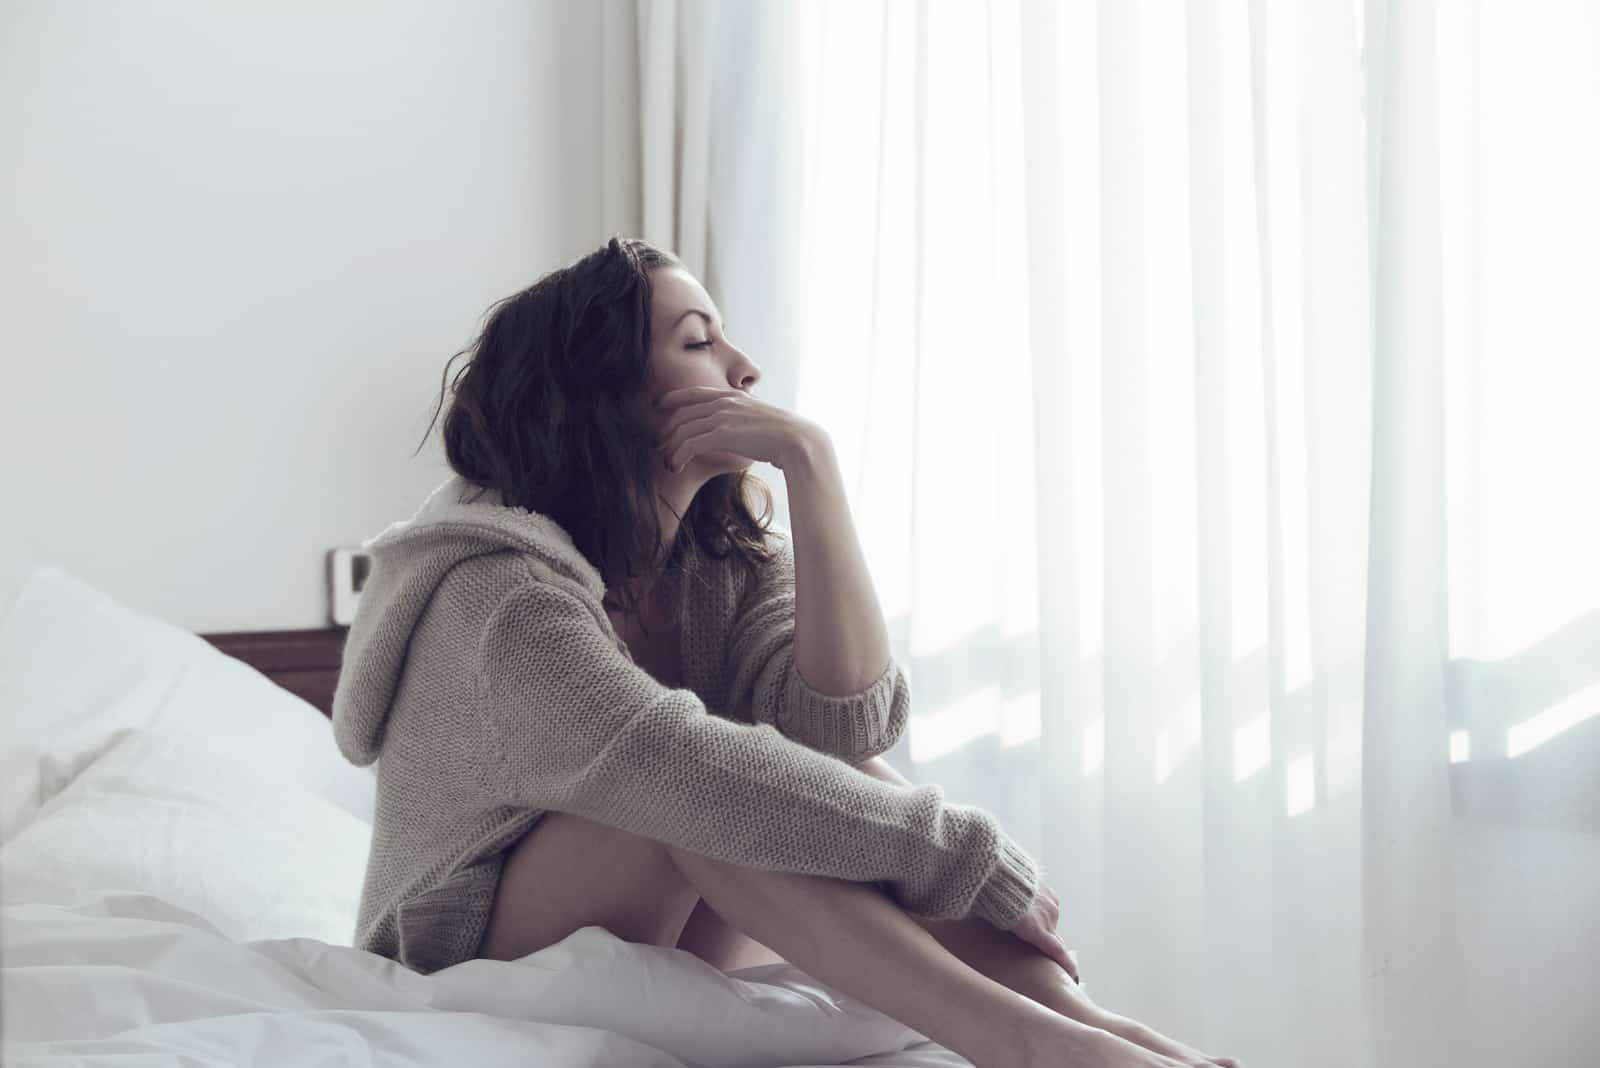 une femme imaginaire assise sur un lit